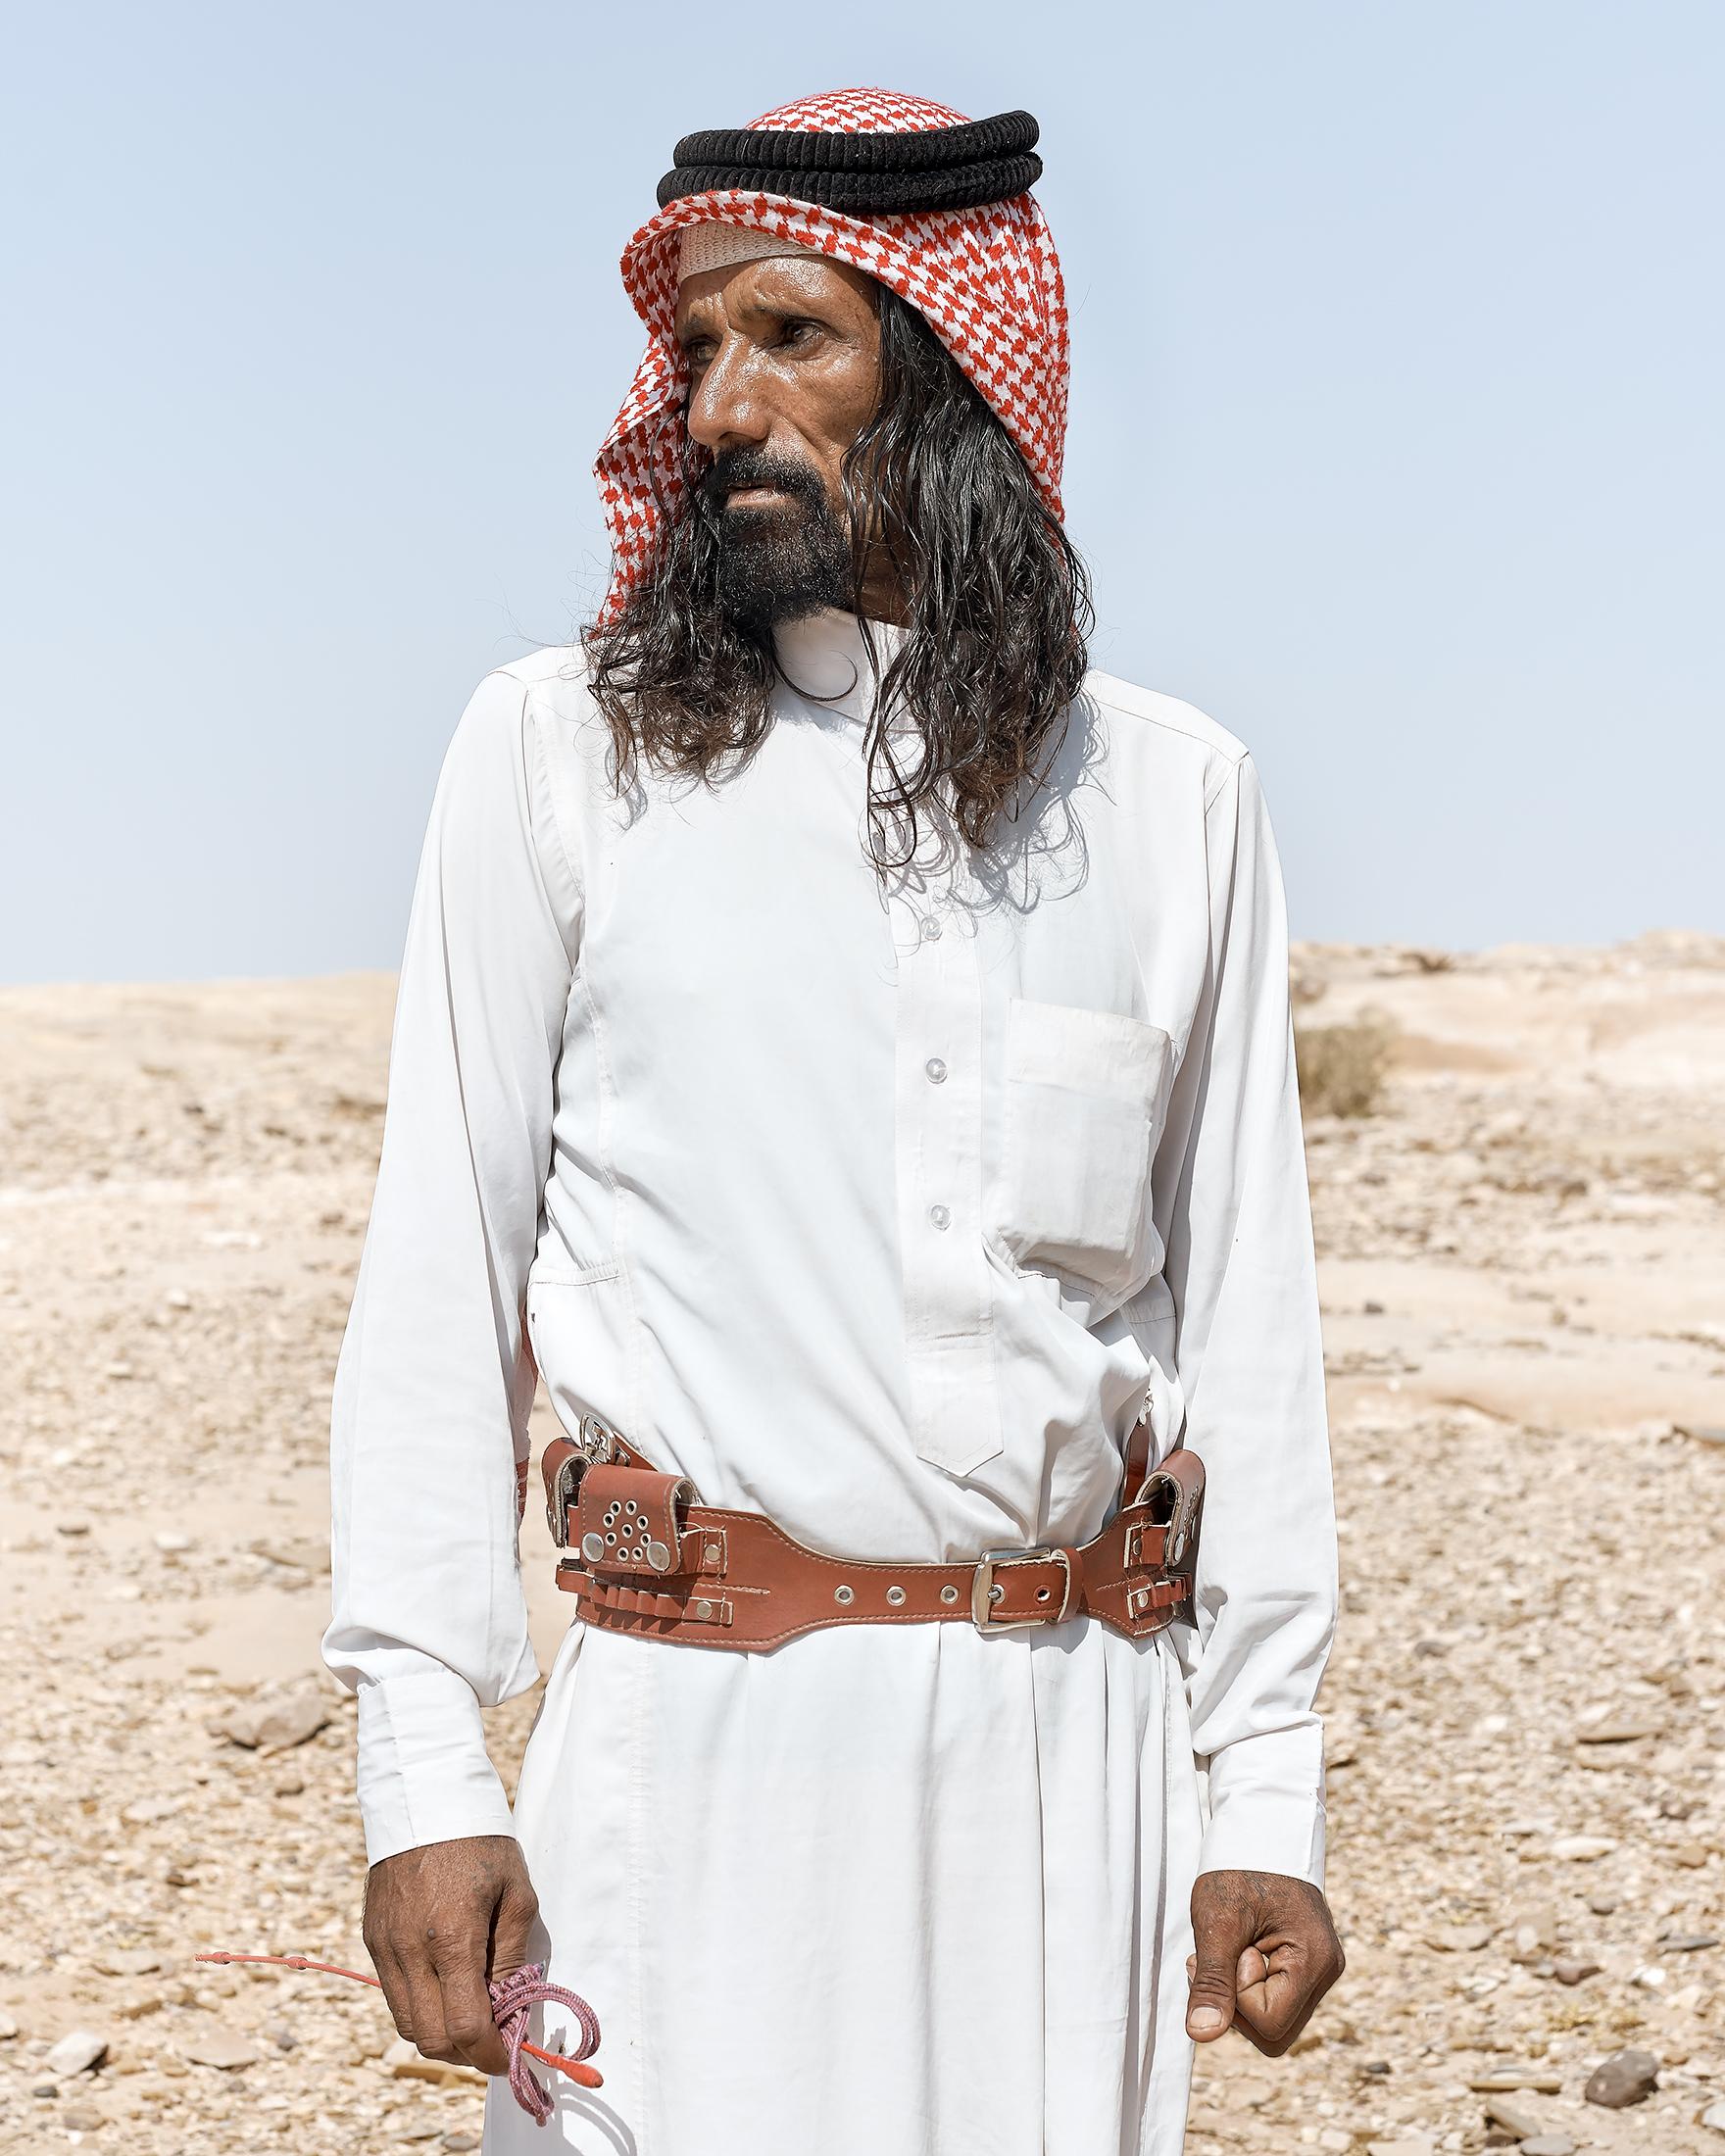 Bedouin, Petra, 2017